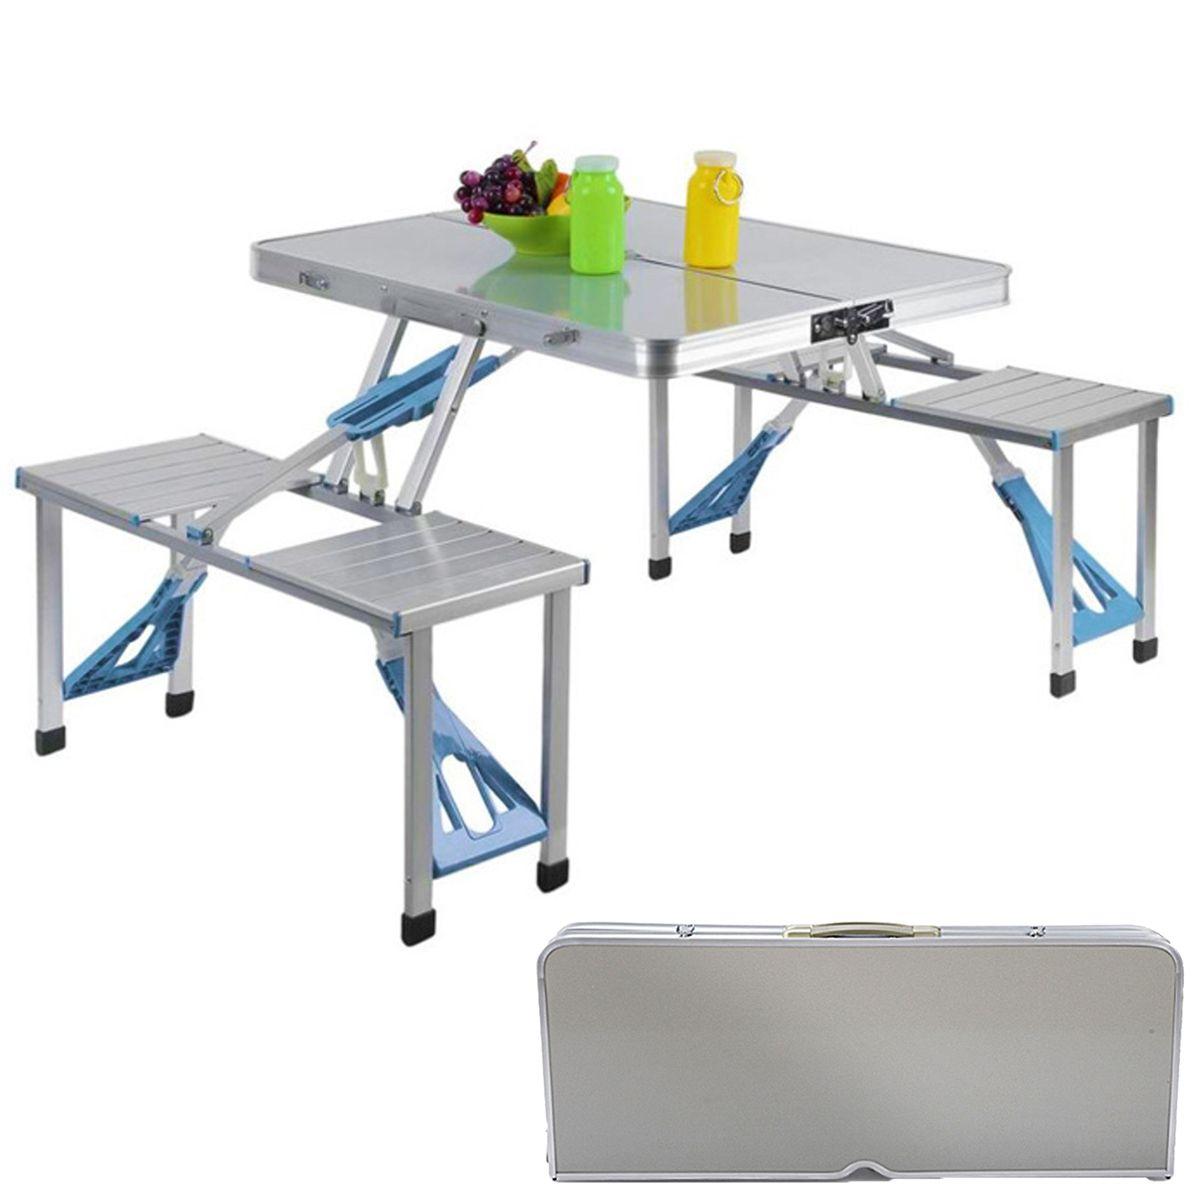 المحمولة في الهواء الطلق طاولة قابلة للطي حديقة سبائك الألومنيوم مجموعة مقاعد الطاولة مقاوم للماء دائم التخييم نزهة أثاث خارجي